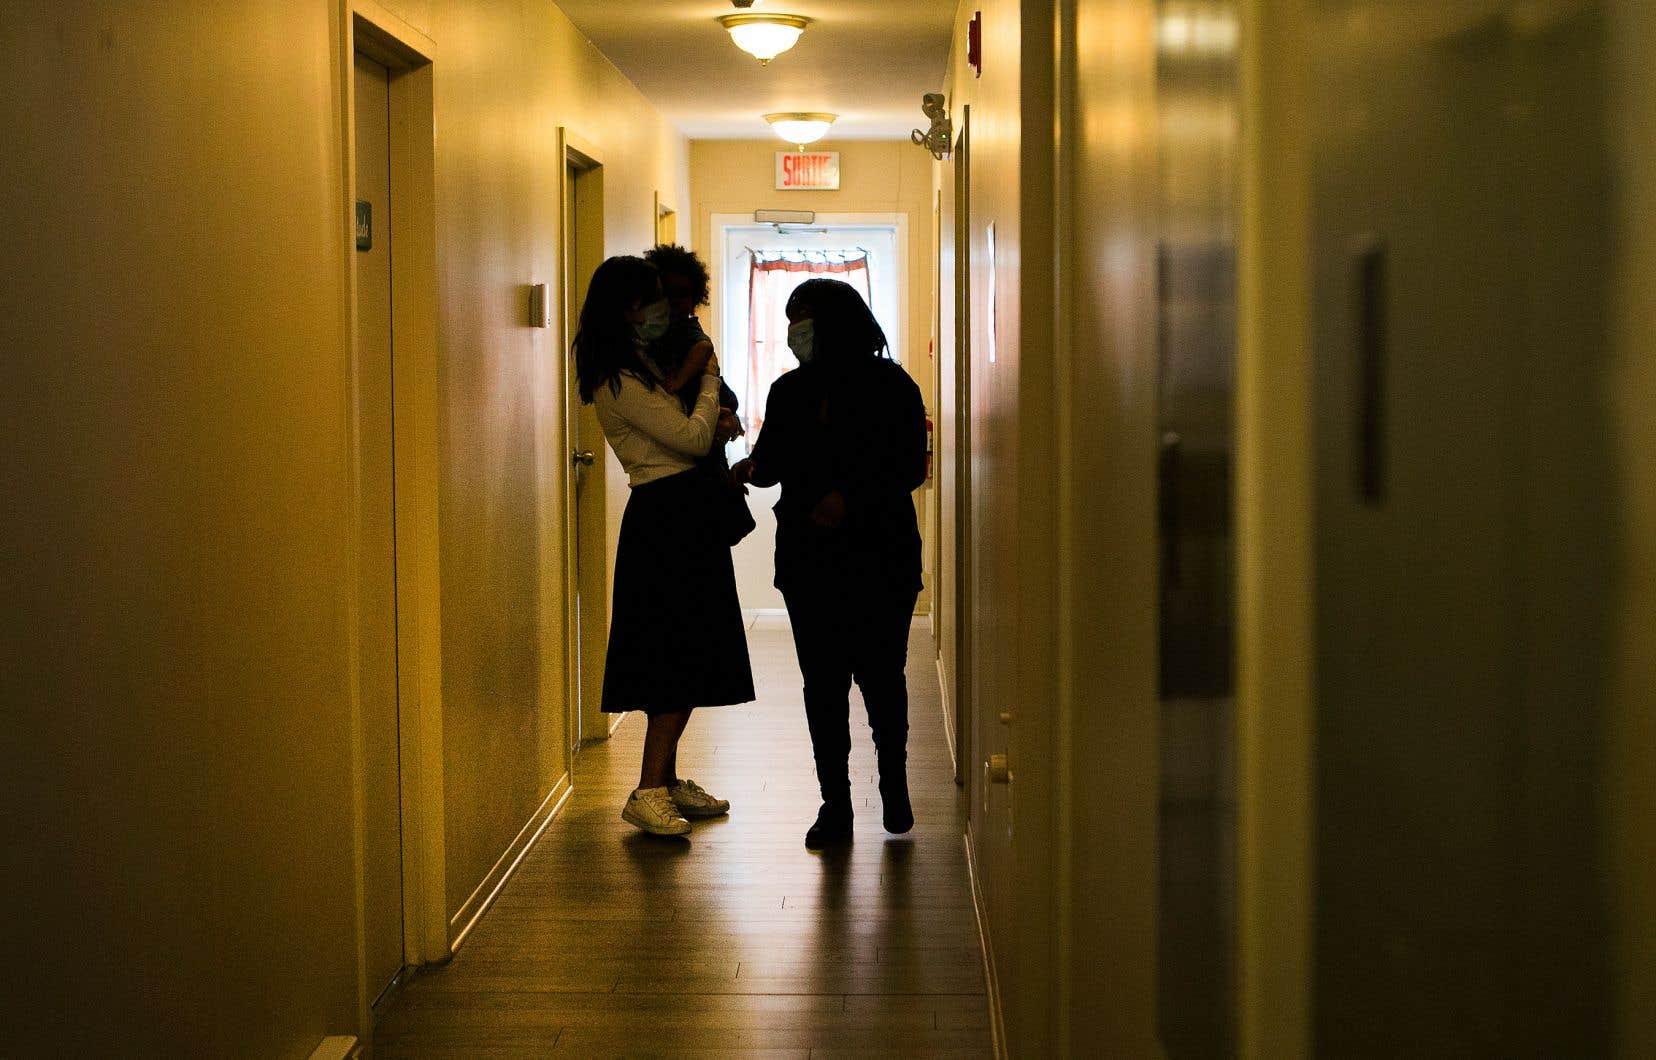 «C'est certain que le fait qu'une femme soit en maison d'hébergement peut faire partie des éléments qu'on présente au juge pour justement illustrer la nécessité d'une détention lors d'une enquête sur mise en liberté», indique Me Audrey Roy-Cloutier, porte-parole du Directeur des poursuites criminelles et pénales (DPCP).